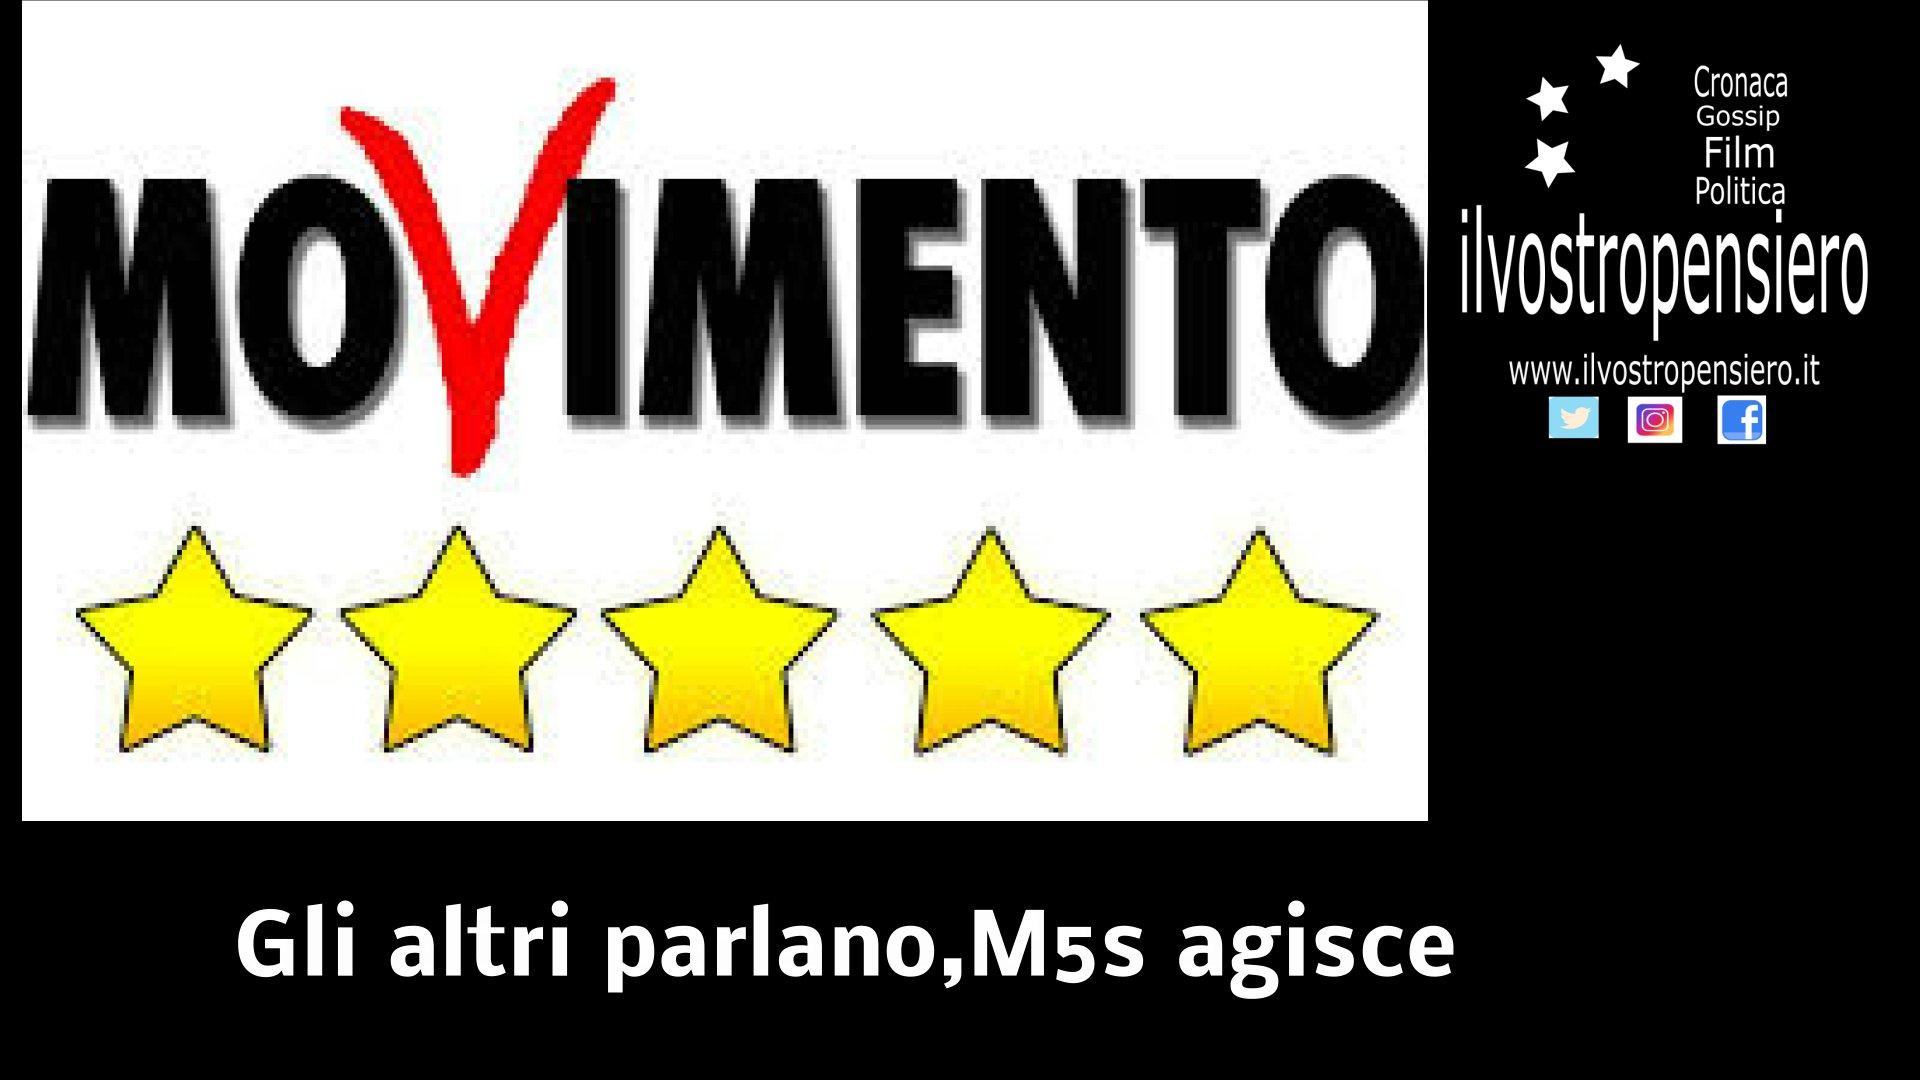 Movimento 5 stelle: SEMPRE AL FIANCO DI CHI CREA LAVORO IN ITALIA (video)